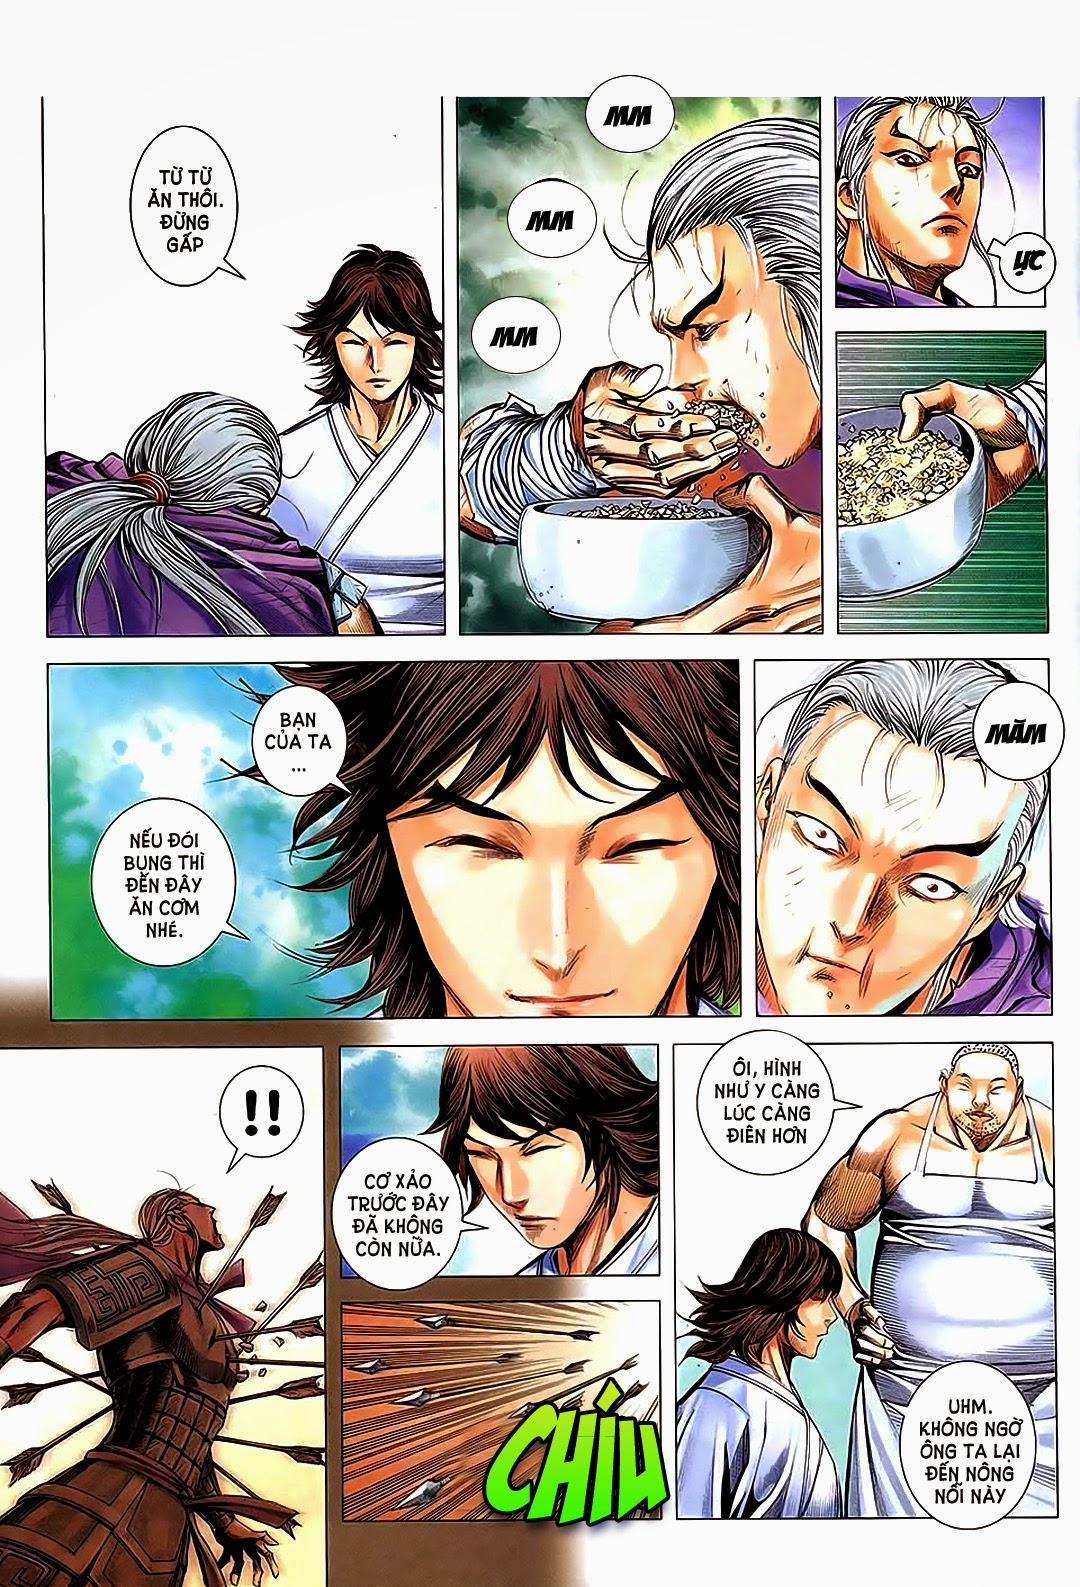 Phong Thần Ký Chap 182 - Trang 5